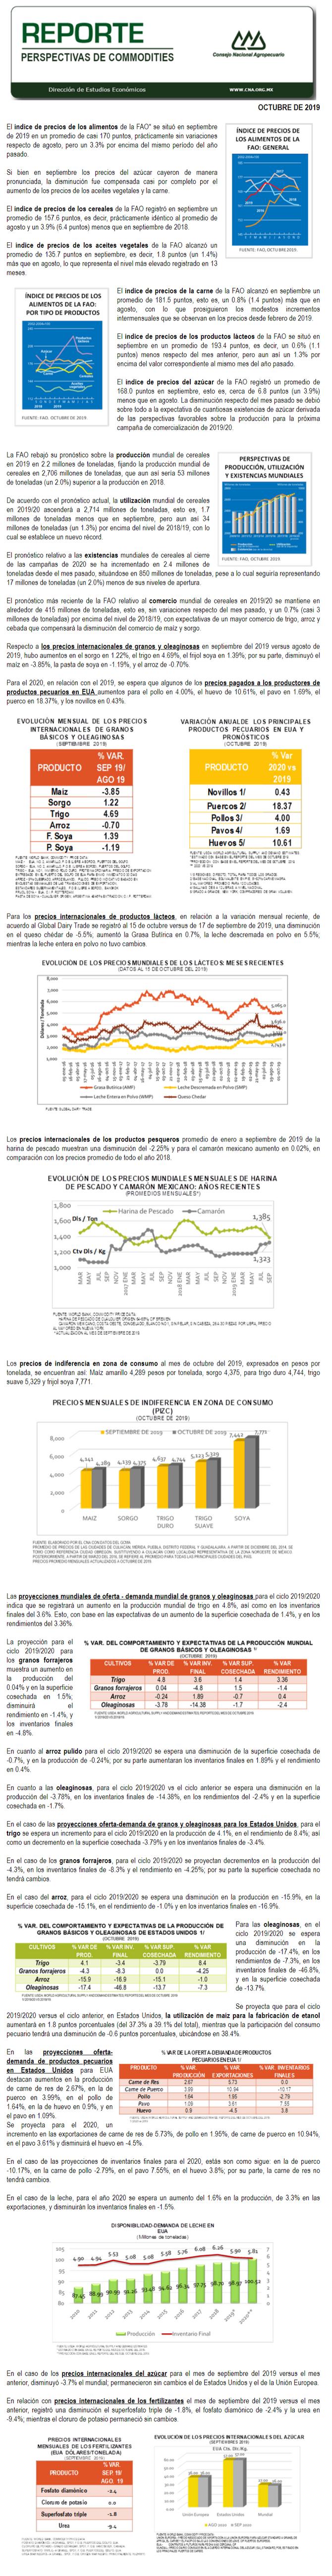 REPORTE DE PERSPECTIVAS DE COMMODITIES DEL MES DE OCTUBRE DE 2019